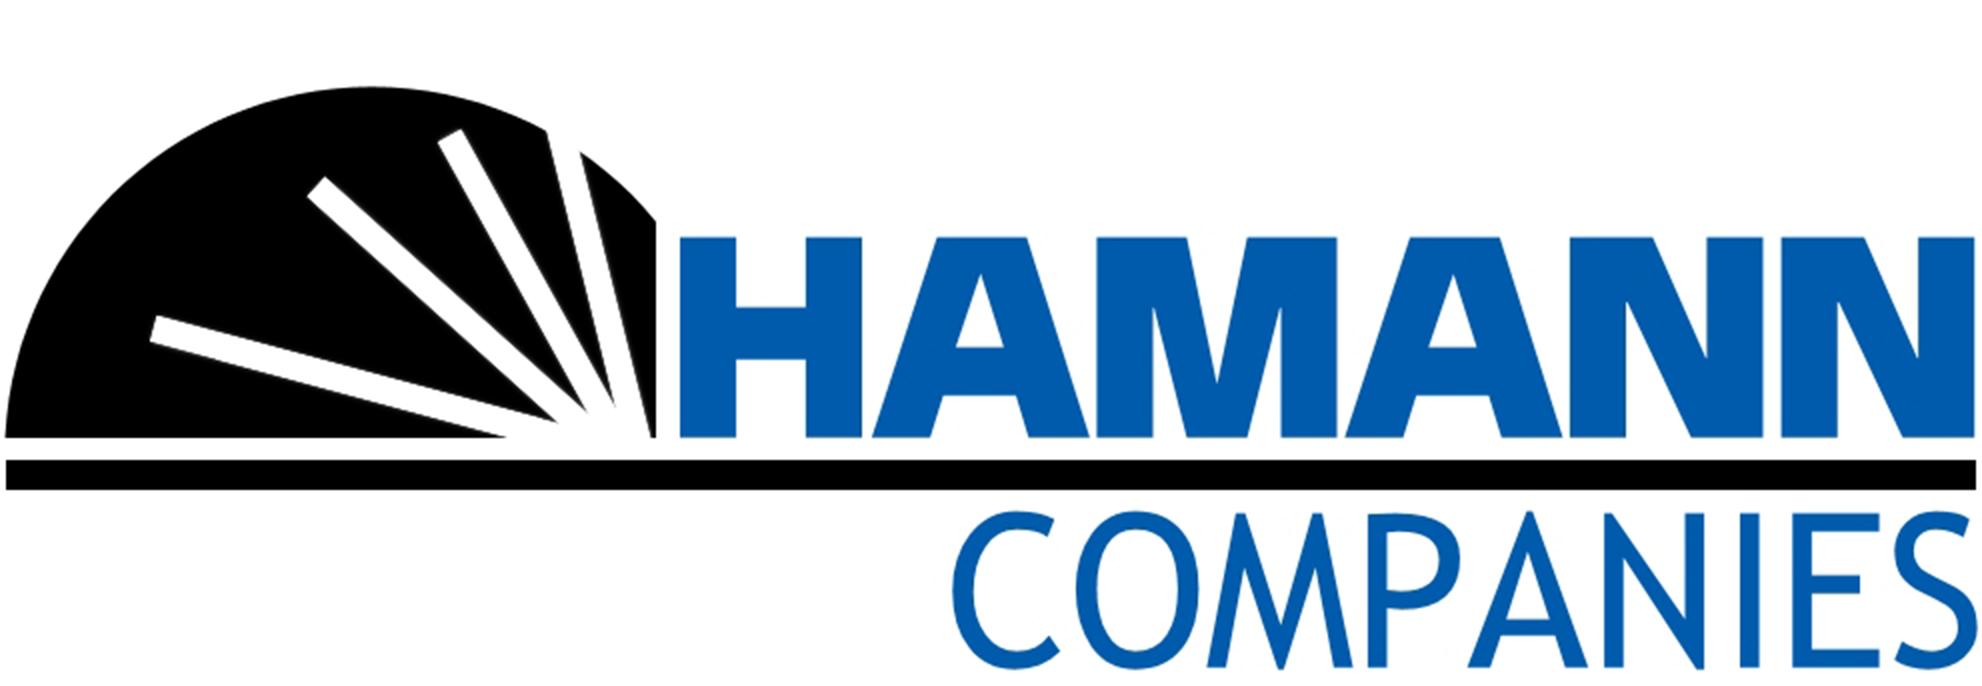 Hamann Companies